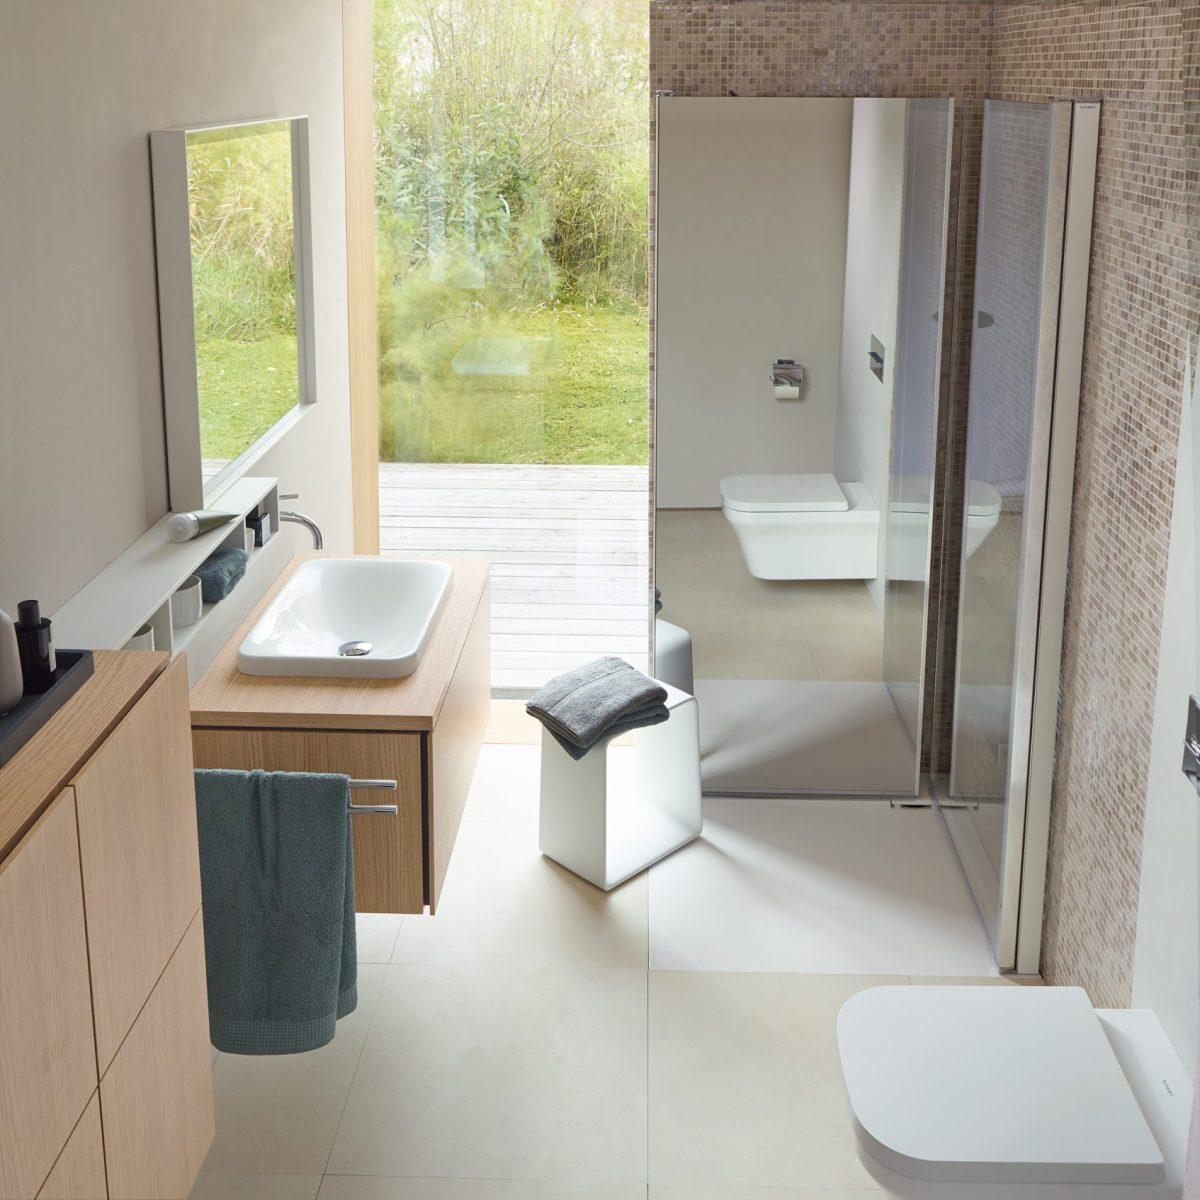 Innowacyjna kabina prysznicowa Open Space marki Duravit jest dostępna w naszych showroomach